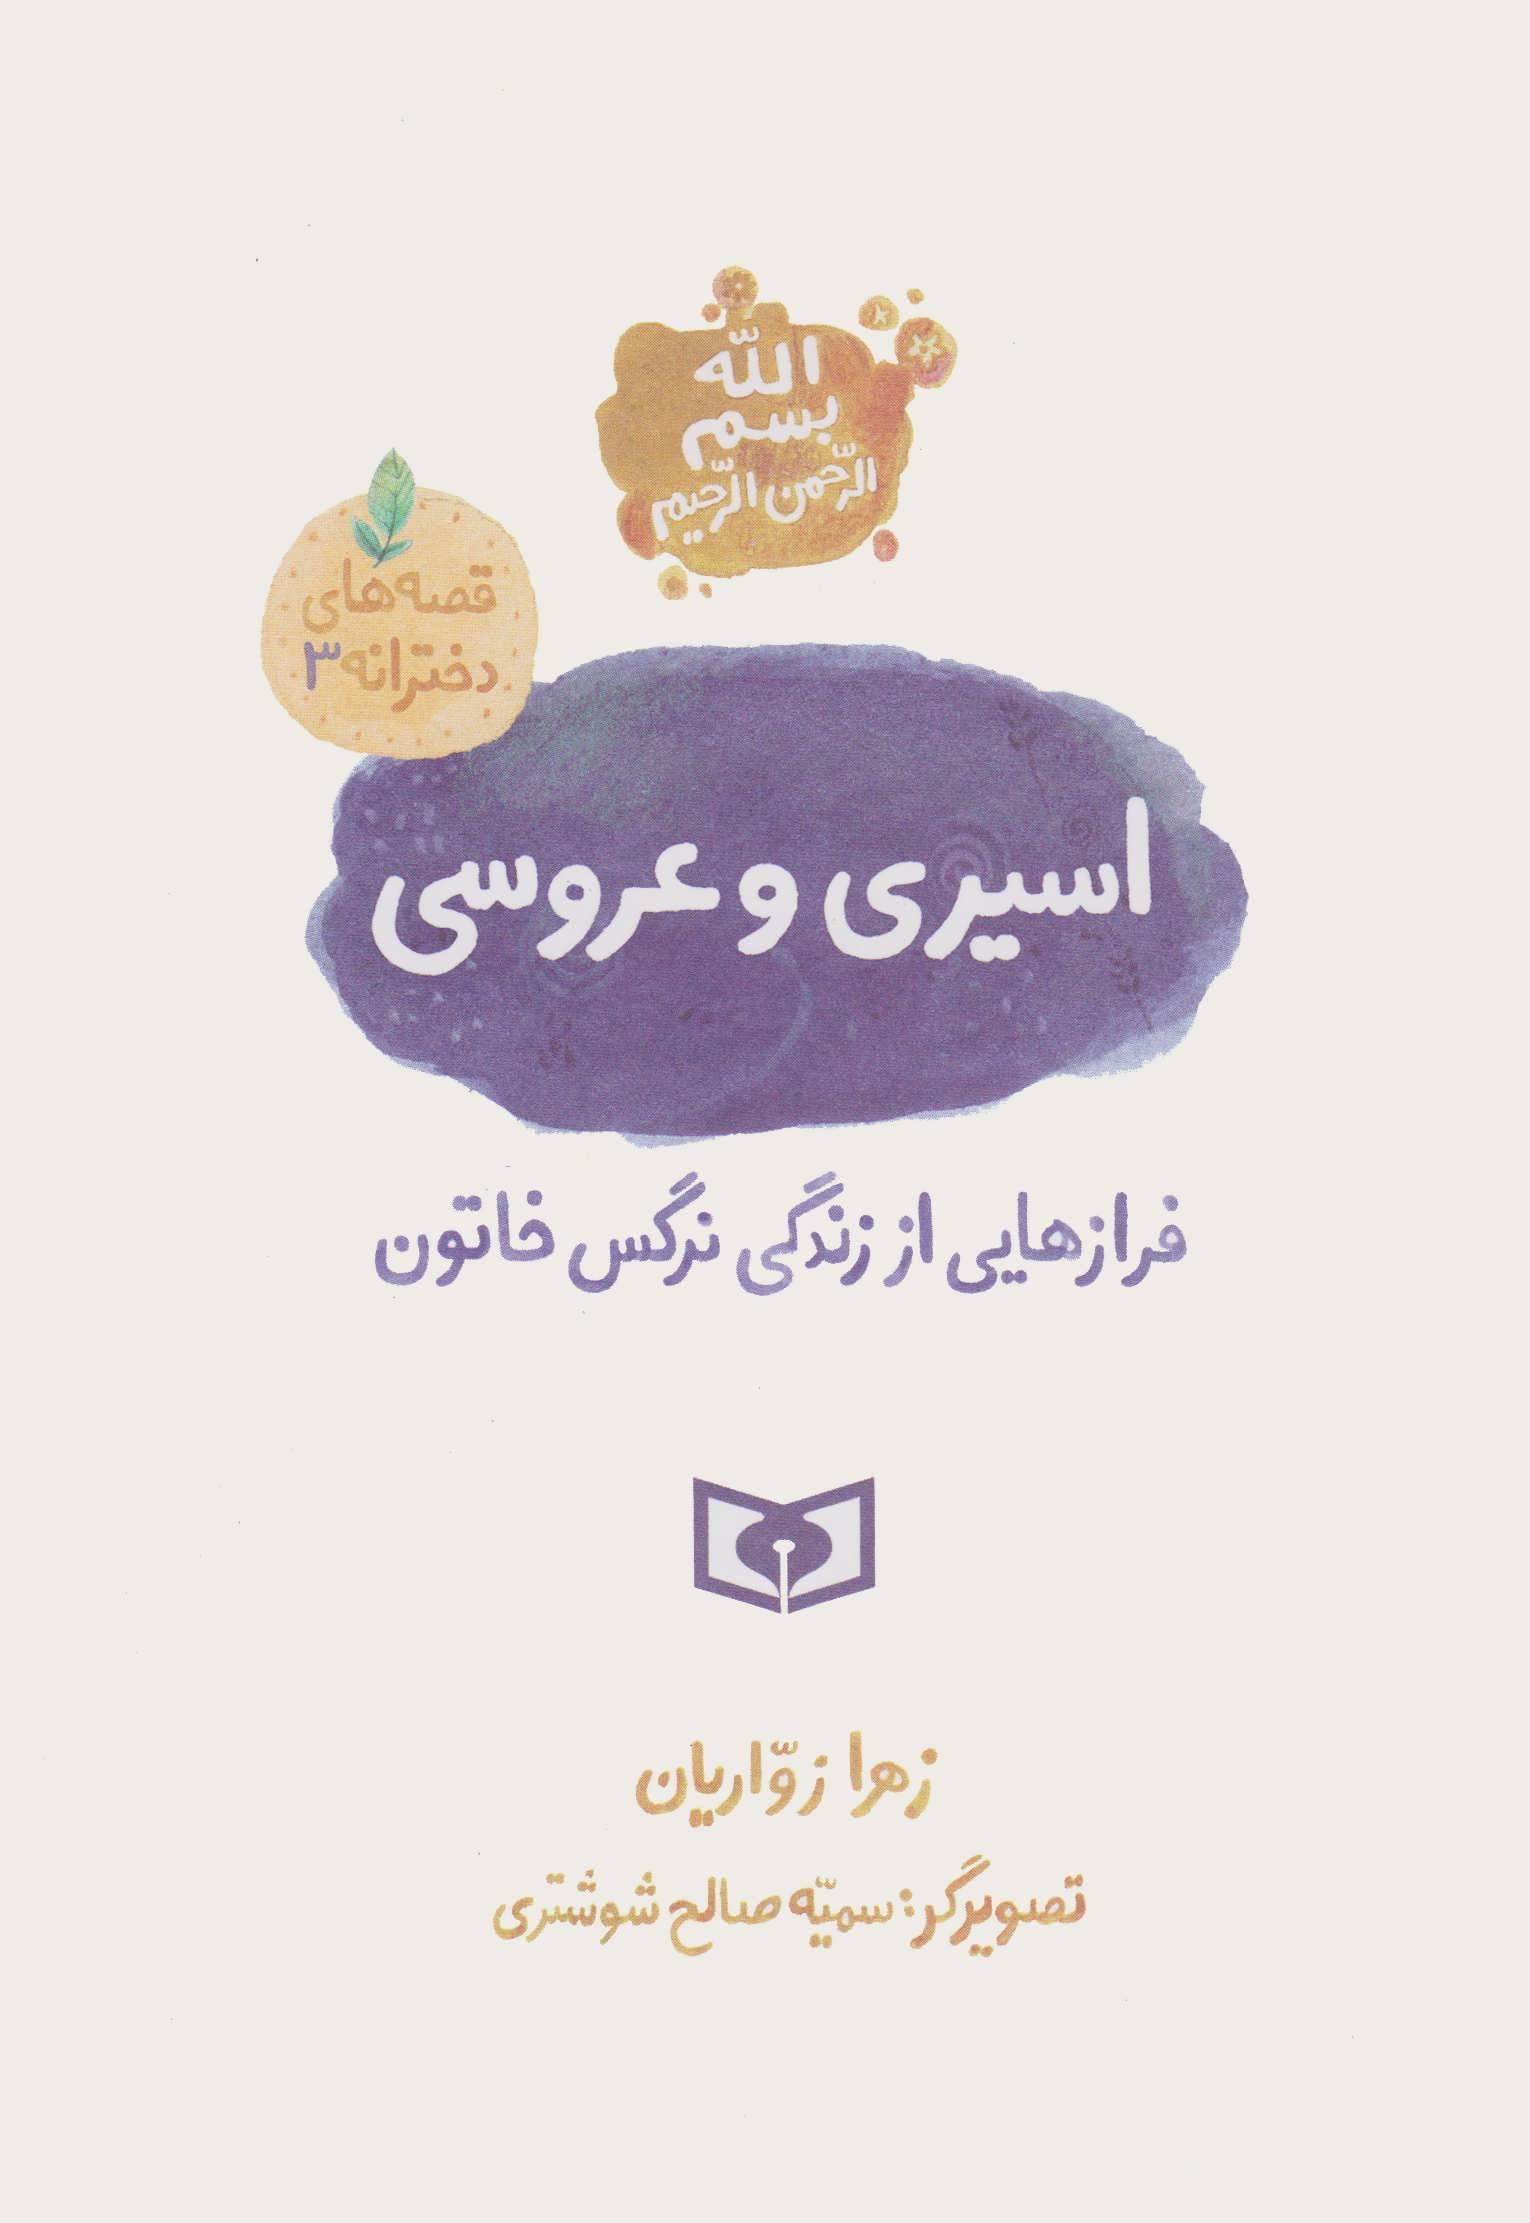 قصه های دخترانه 3 (اسیری و عروسی (فرازهایی از زندگی نرگس خاتون))